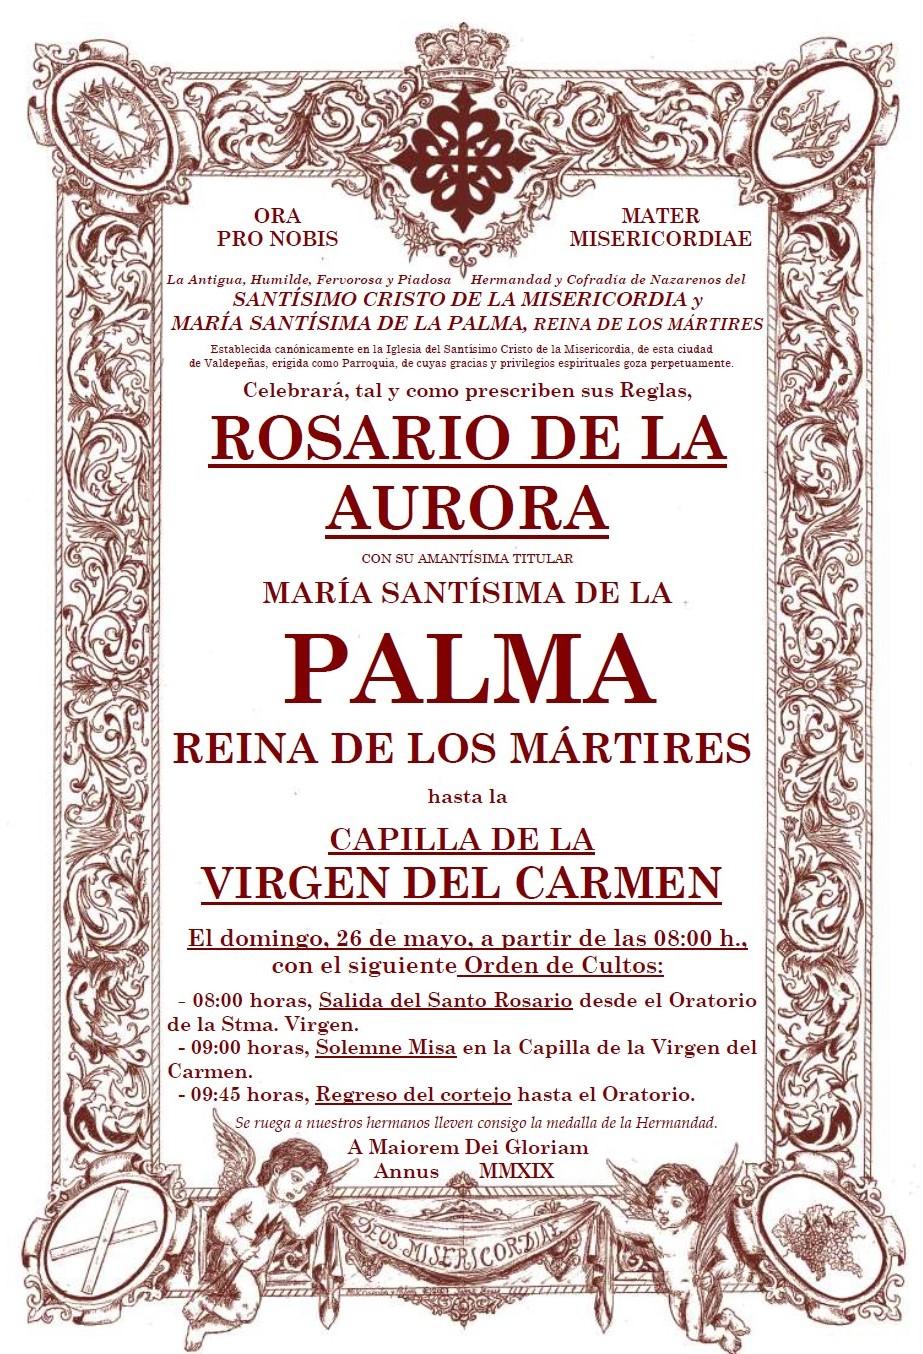 Horarios y recorrido del Rosario de la Aurora de María Stma. de la Palma, Reina de los Mártires.